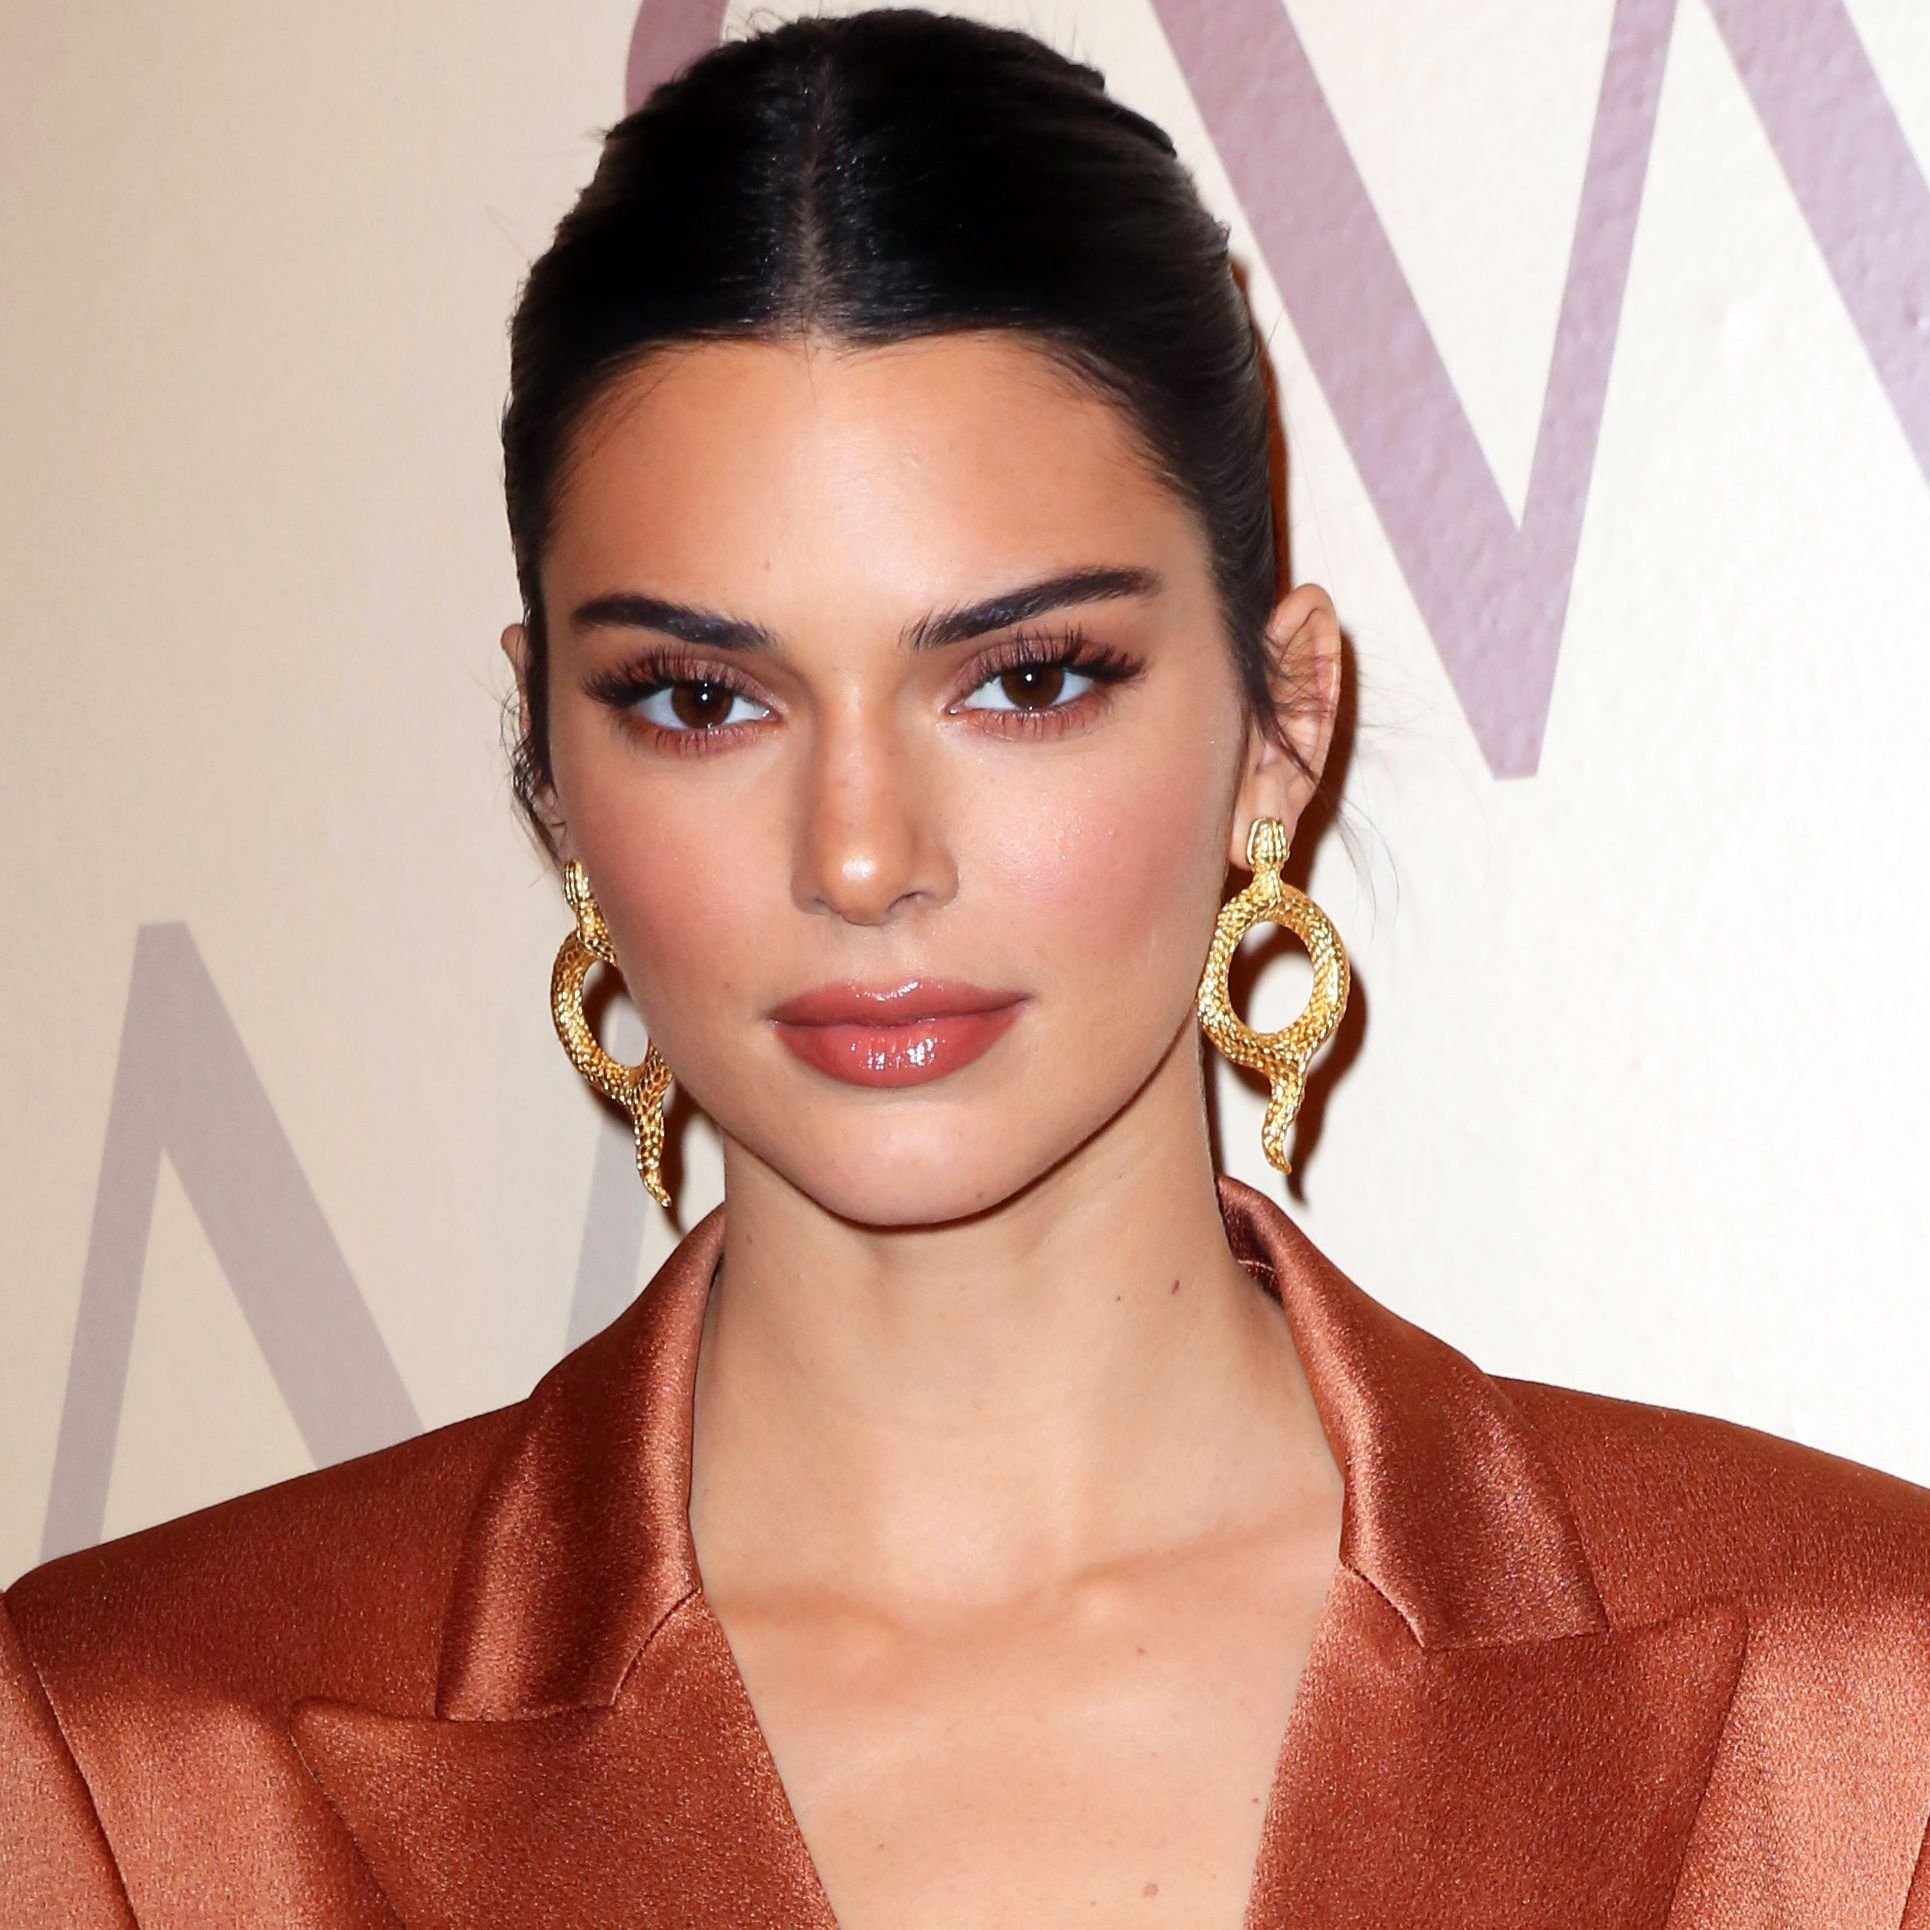 78 Best Kendall Jenner Images On Pinterest: Kendall Jenner Victime De Haters à Cause De Son Acné